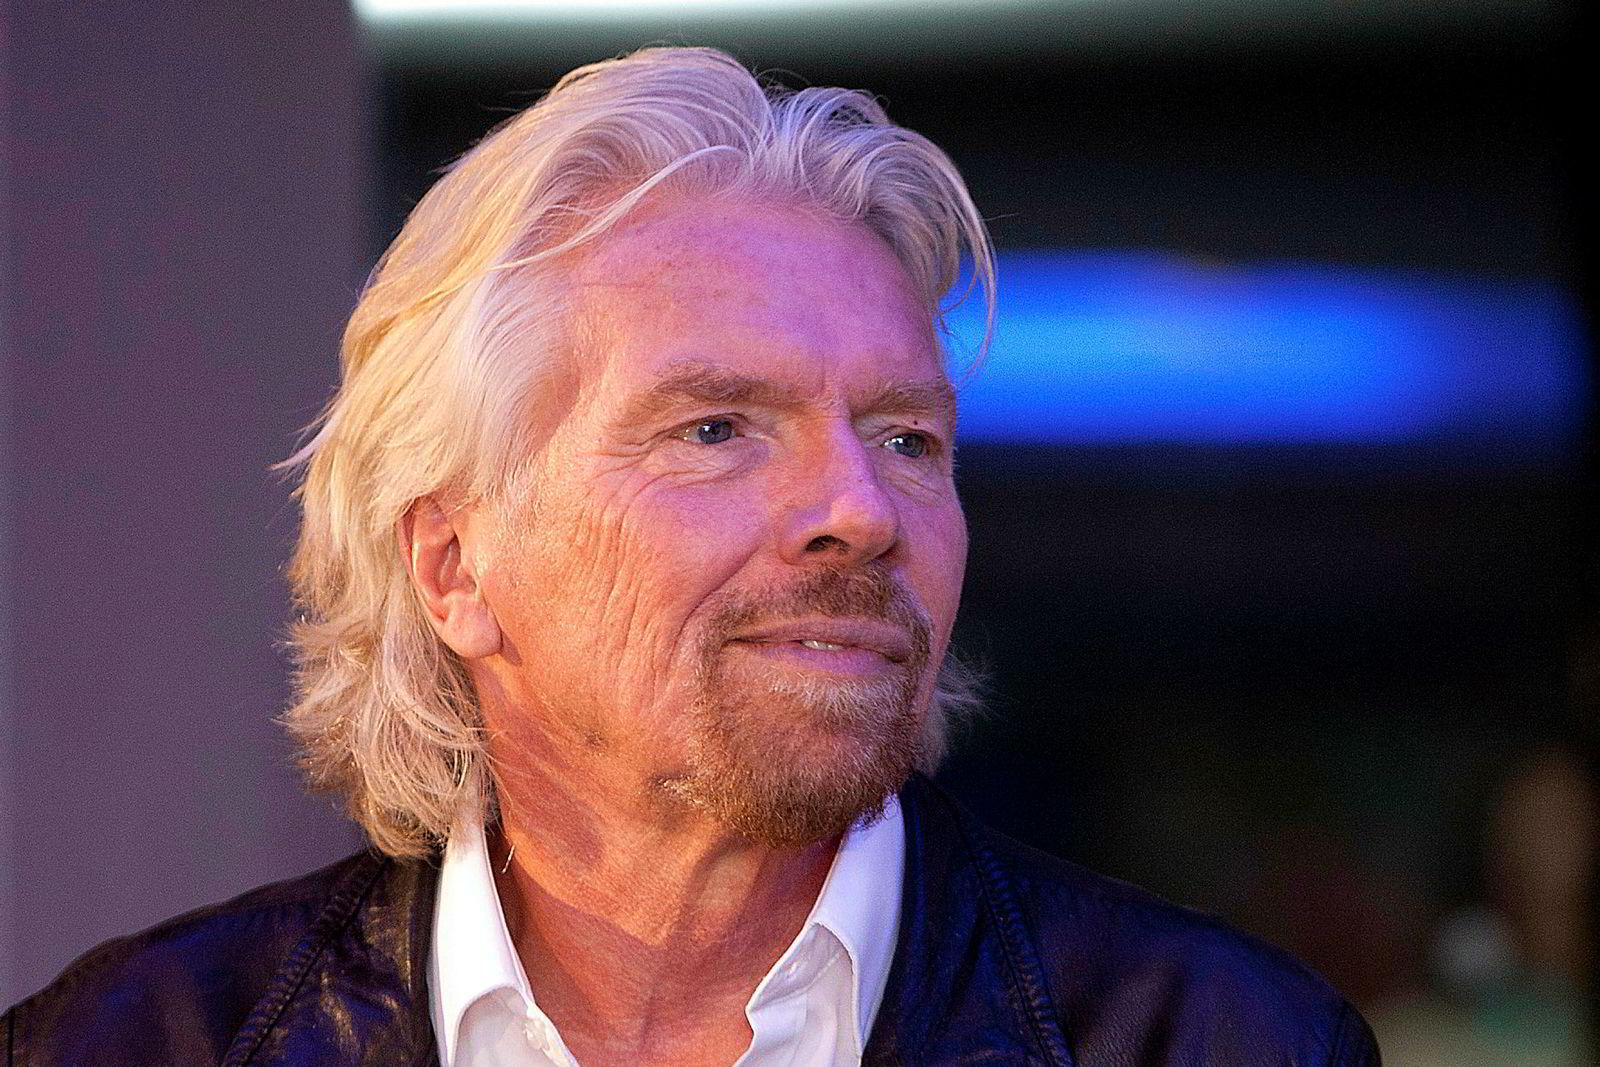 Virgin-sjef Richard Branson har lagt forhandlinger med Saudi-Arabia på is.